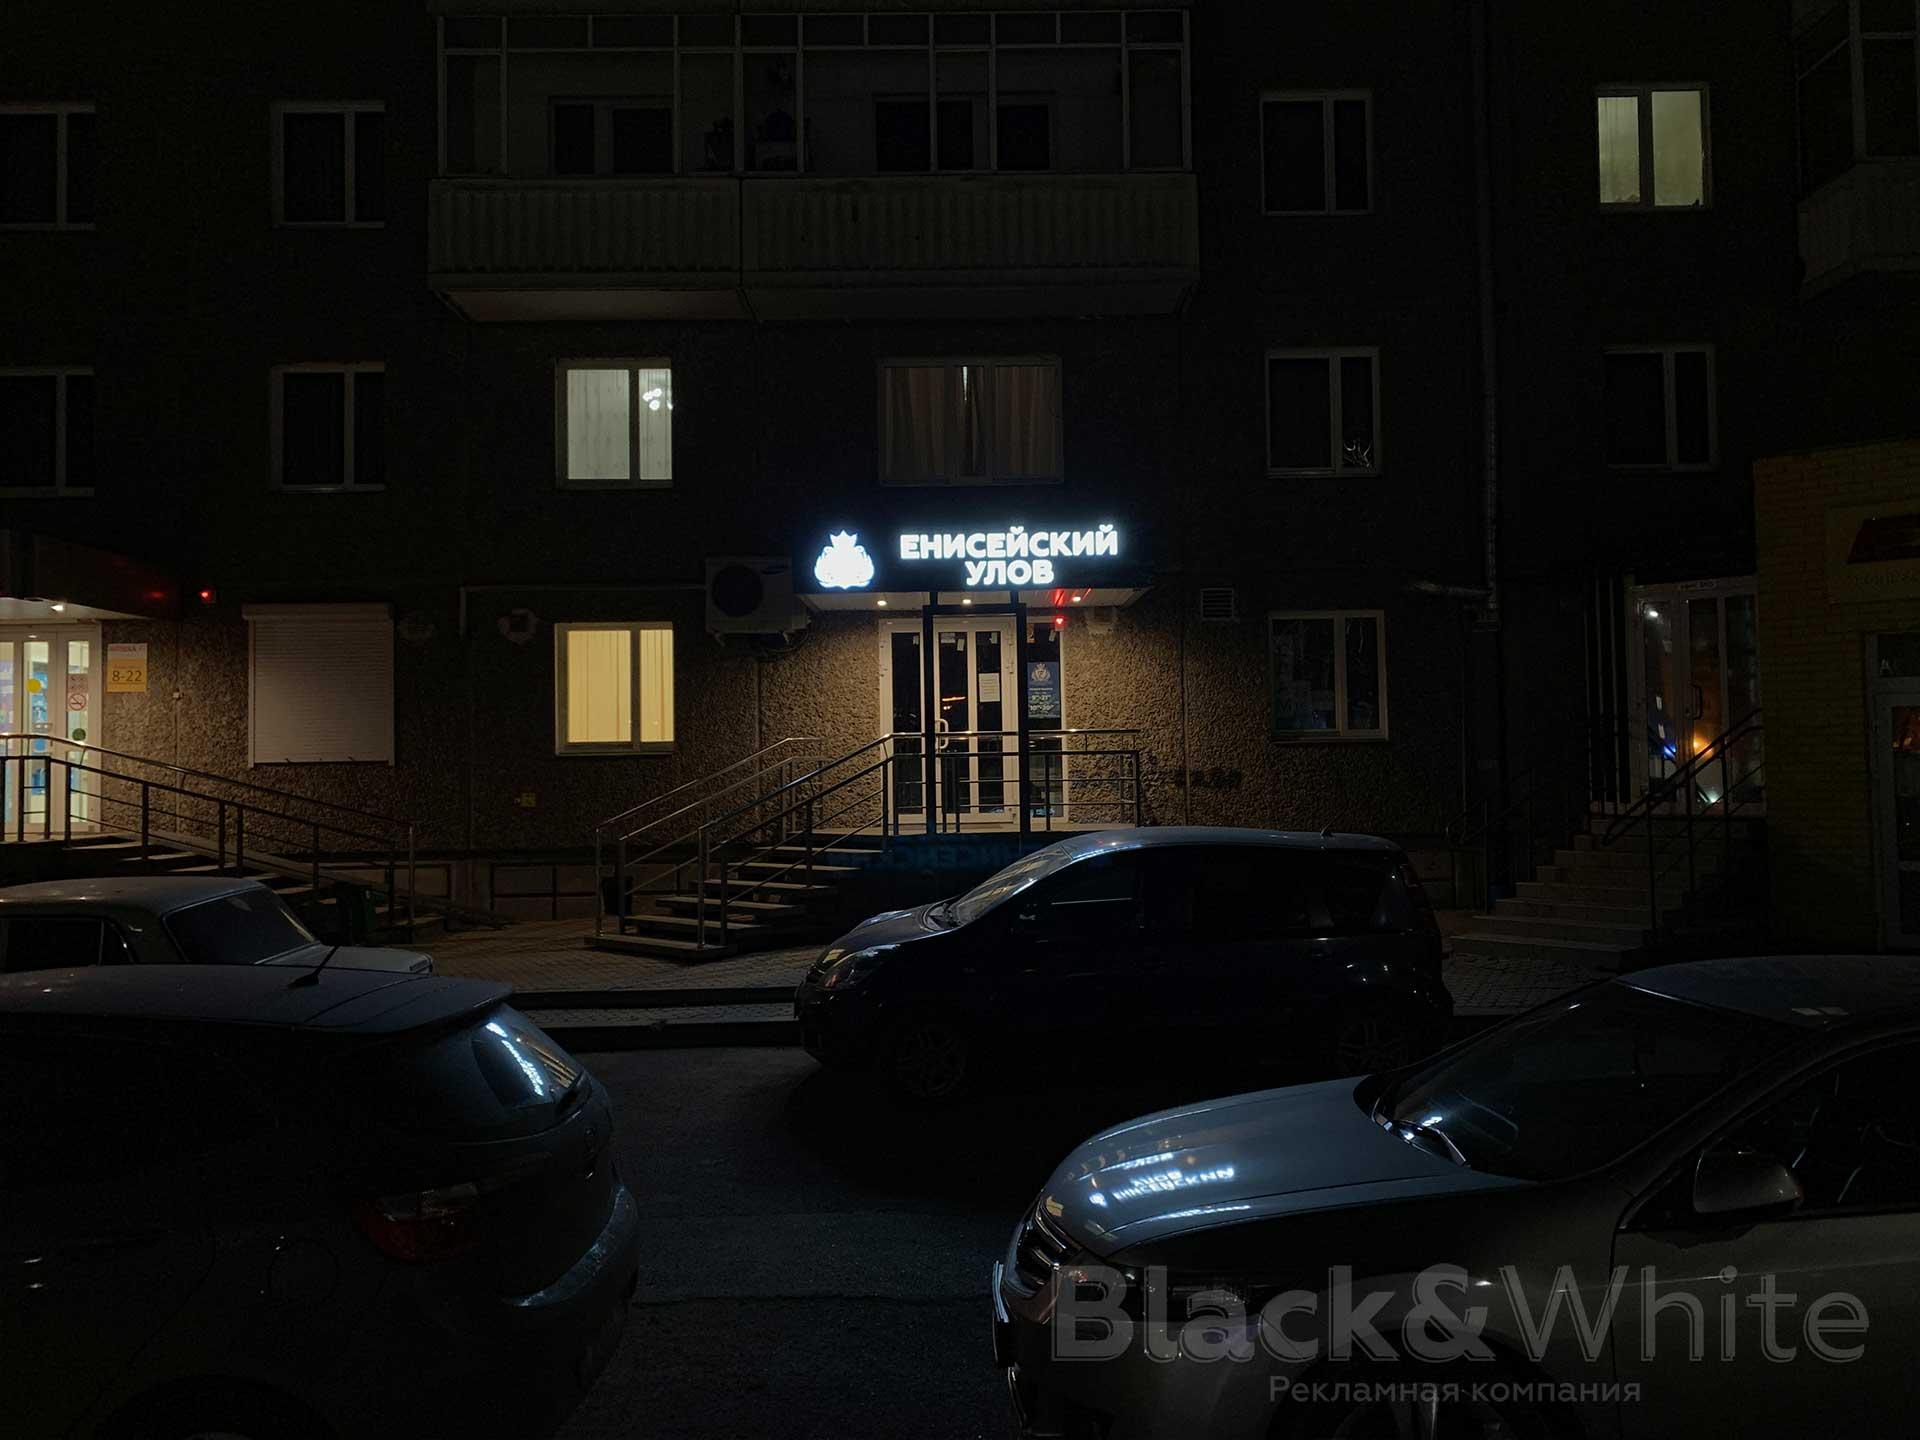 Световой-короб-из-композита-объёмный-световой-логотип-сложной-формы-световая-вывеская-для-магазина-продуктов-изготовление.jpg